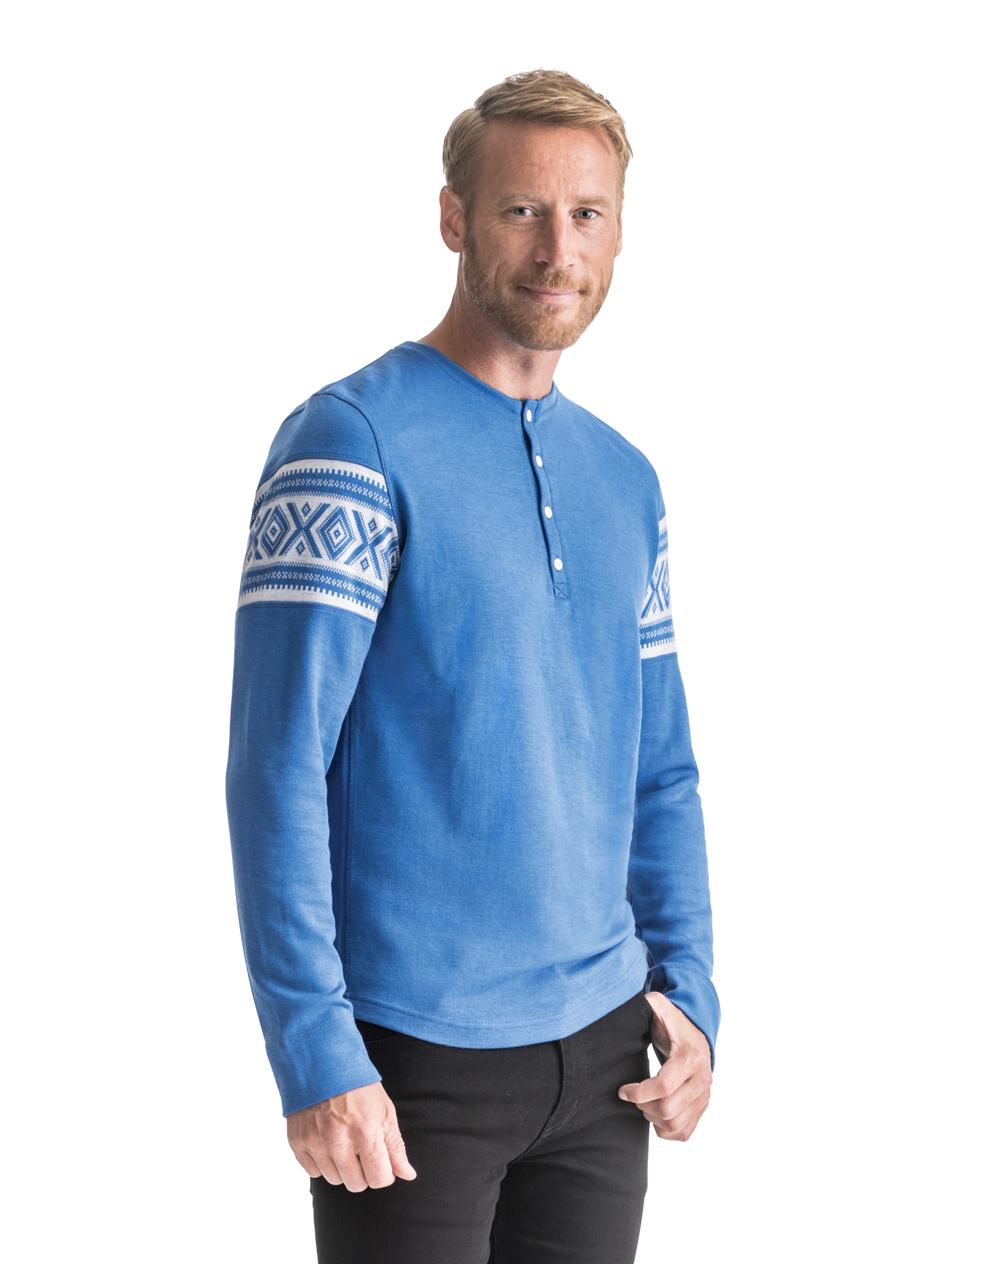 Bykle Masculine Sweater